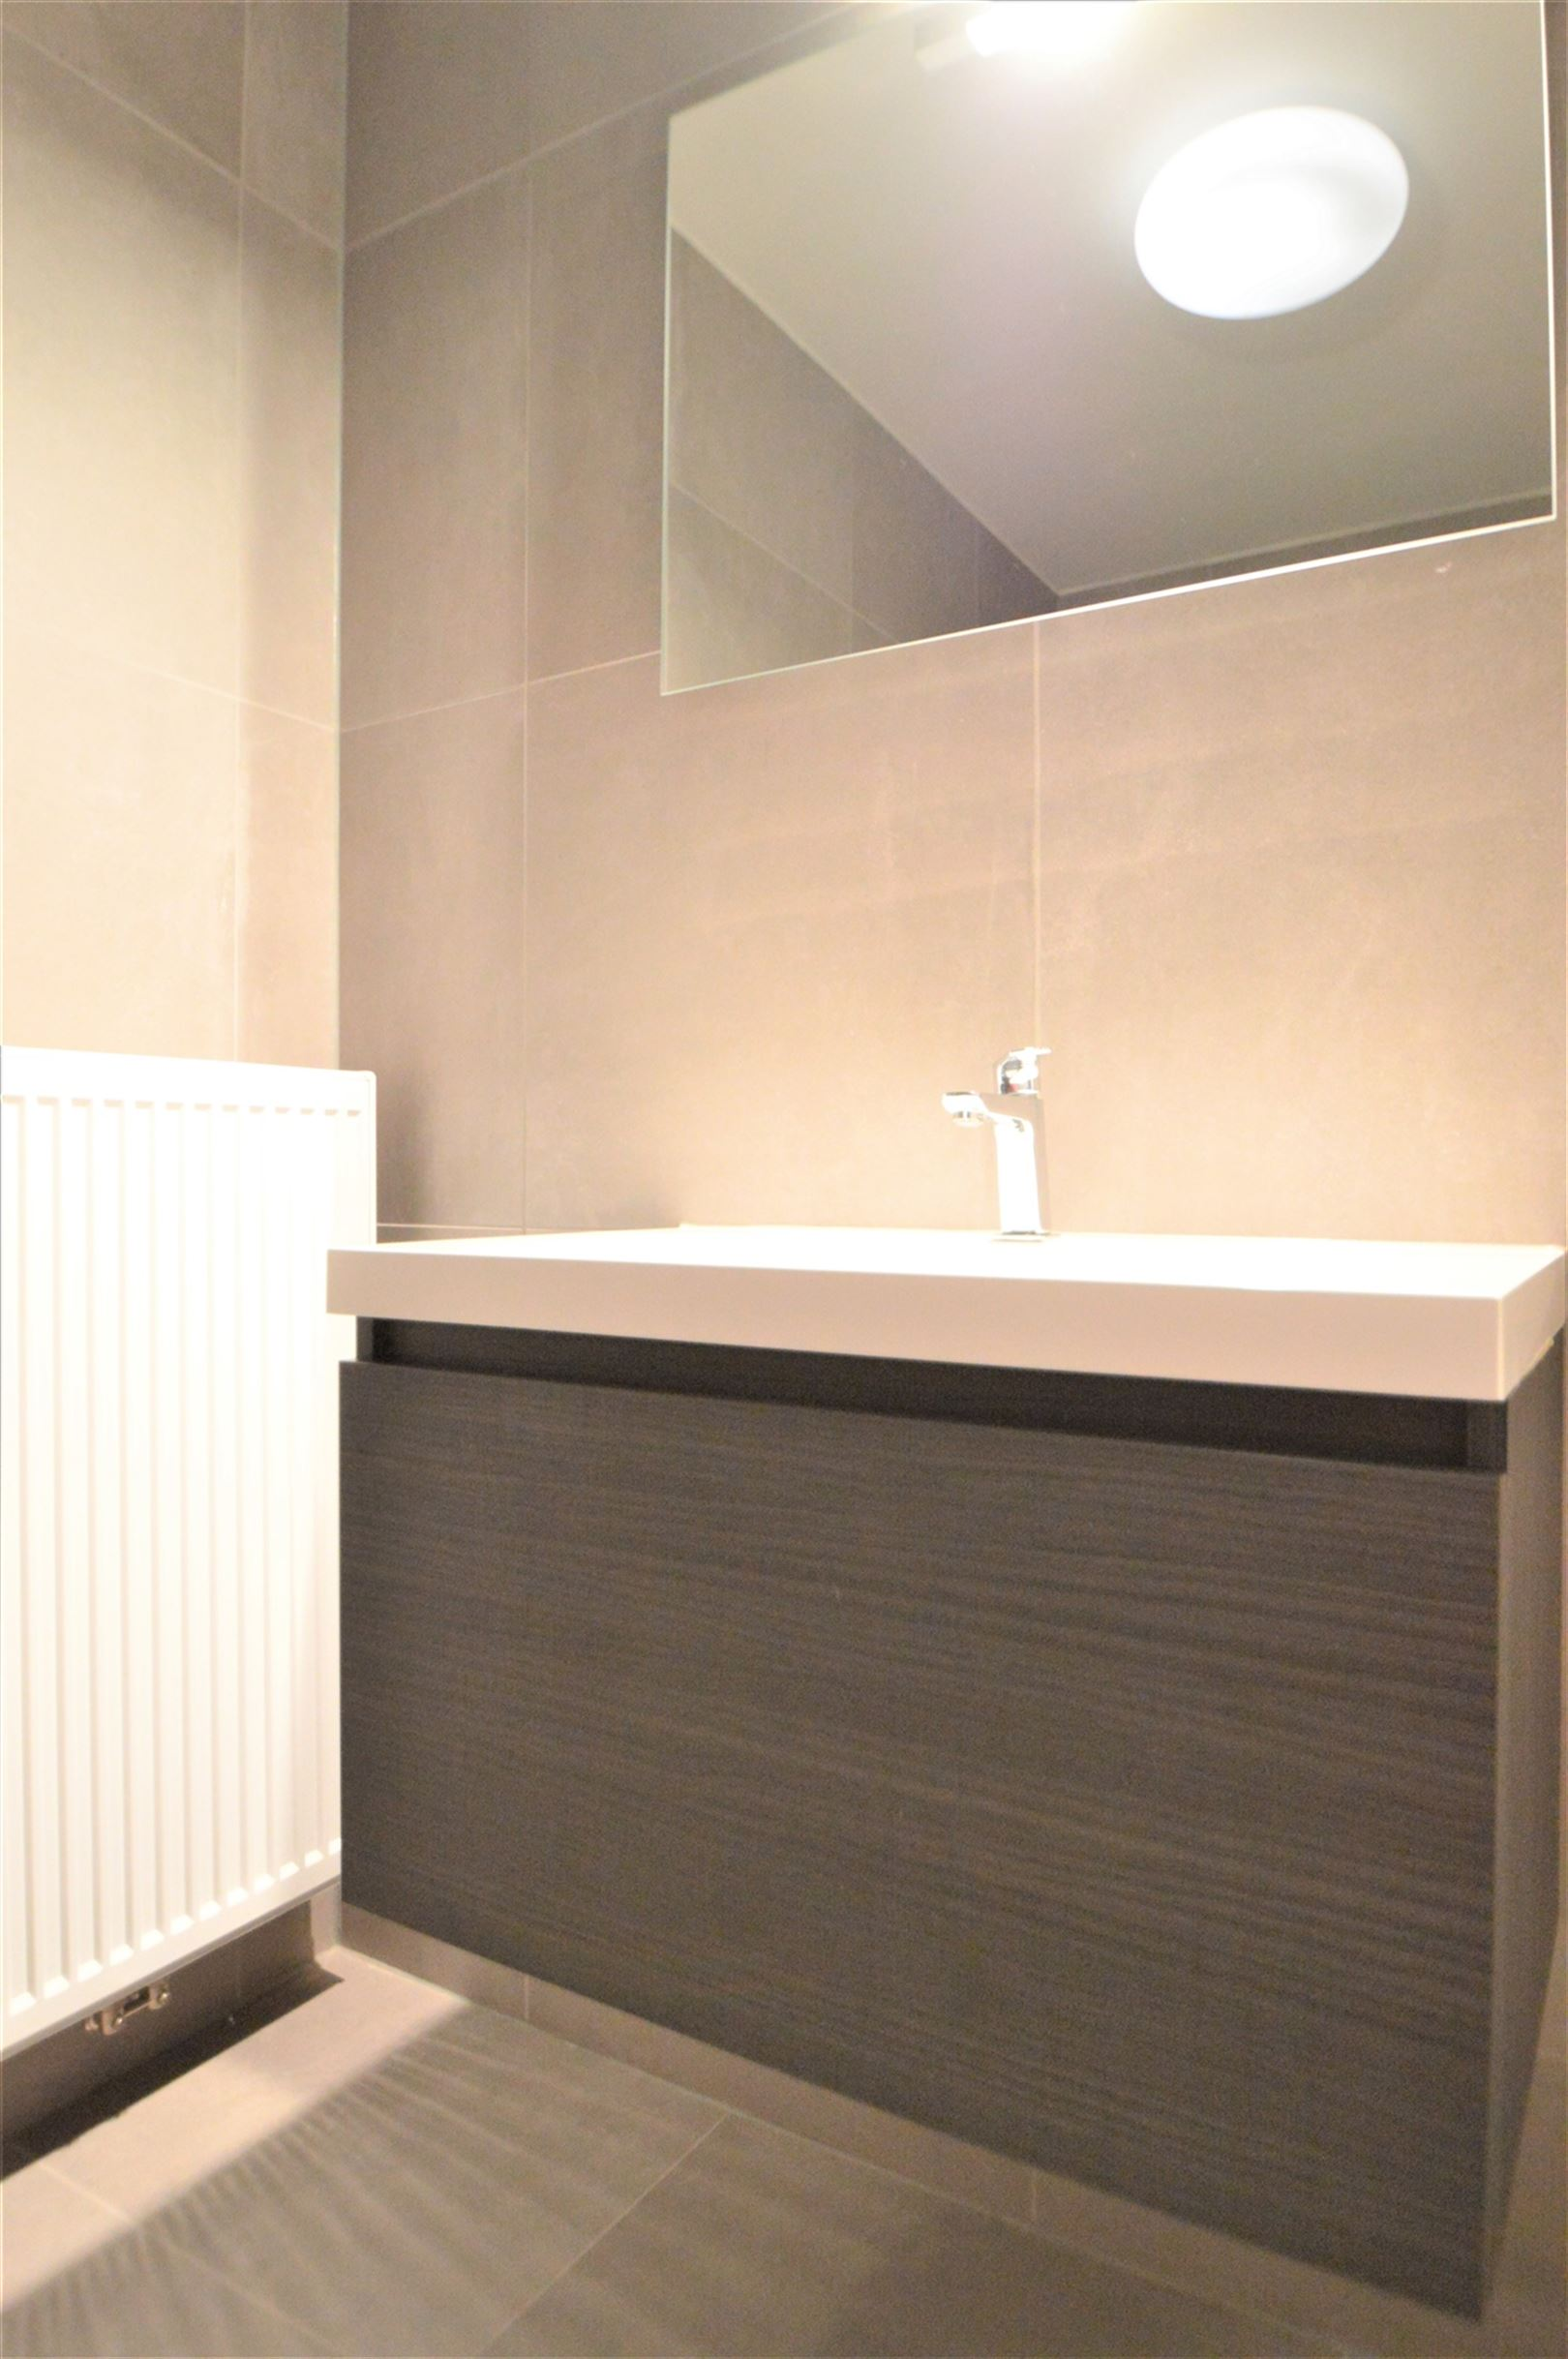 Foto 8 : Appartement te 9200 SINT-GILLIS-BIJ-DENDERMONDE (België) - Prijs € 775